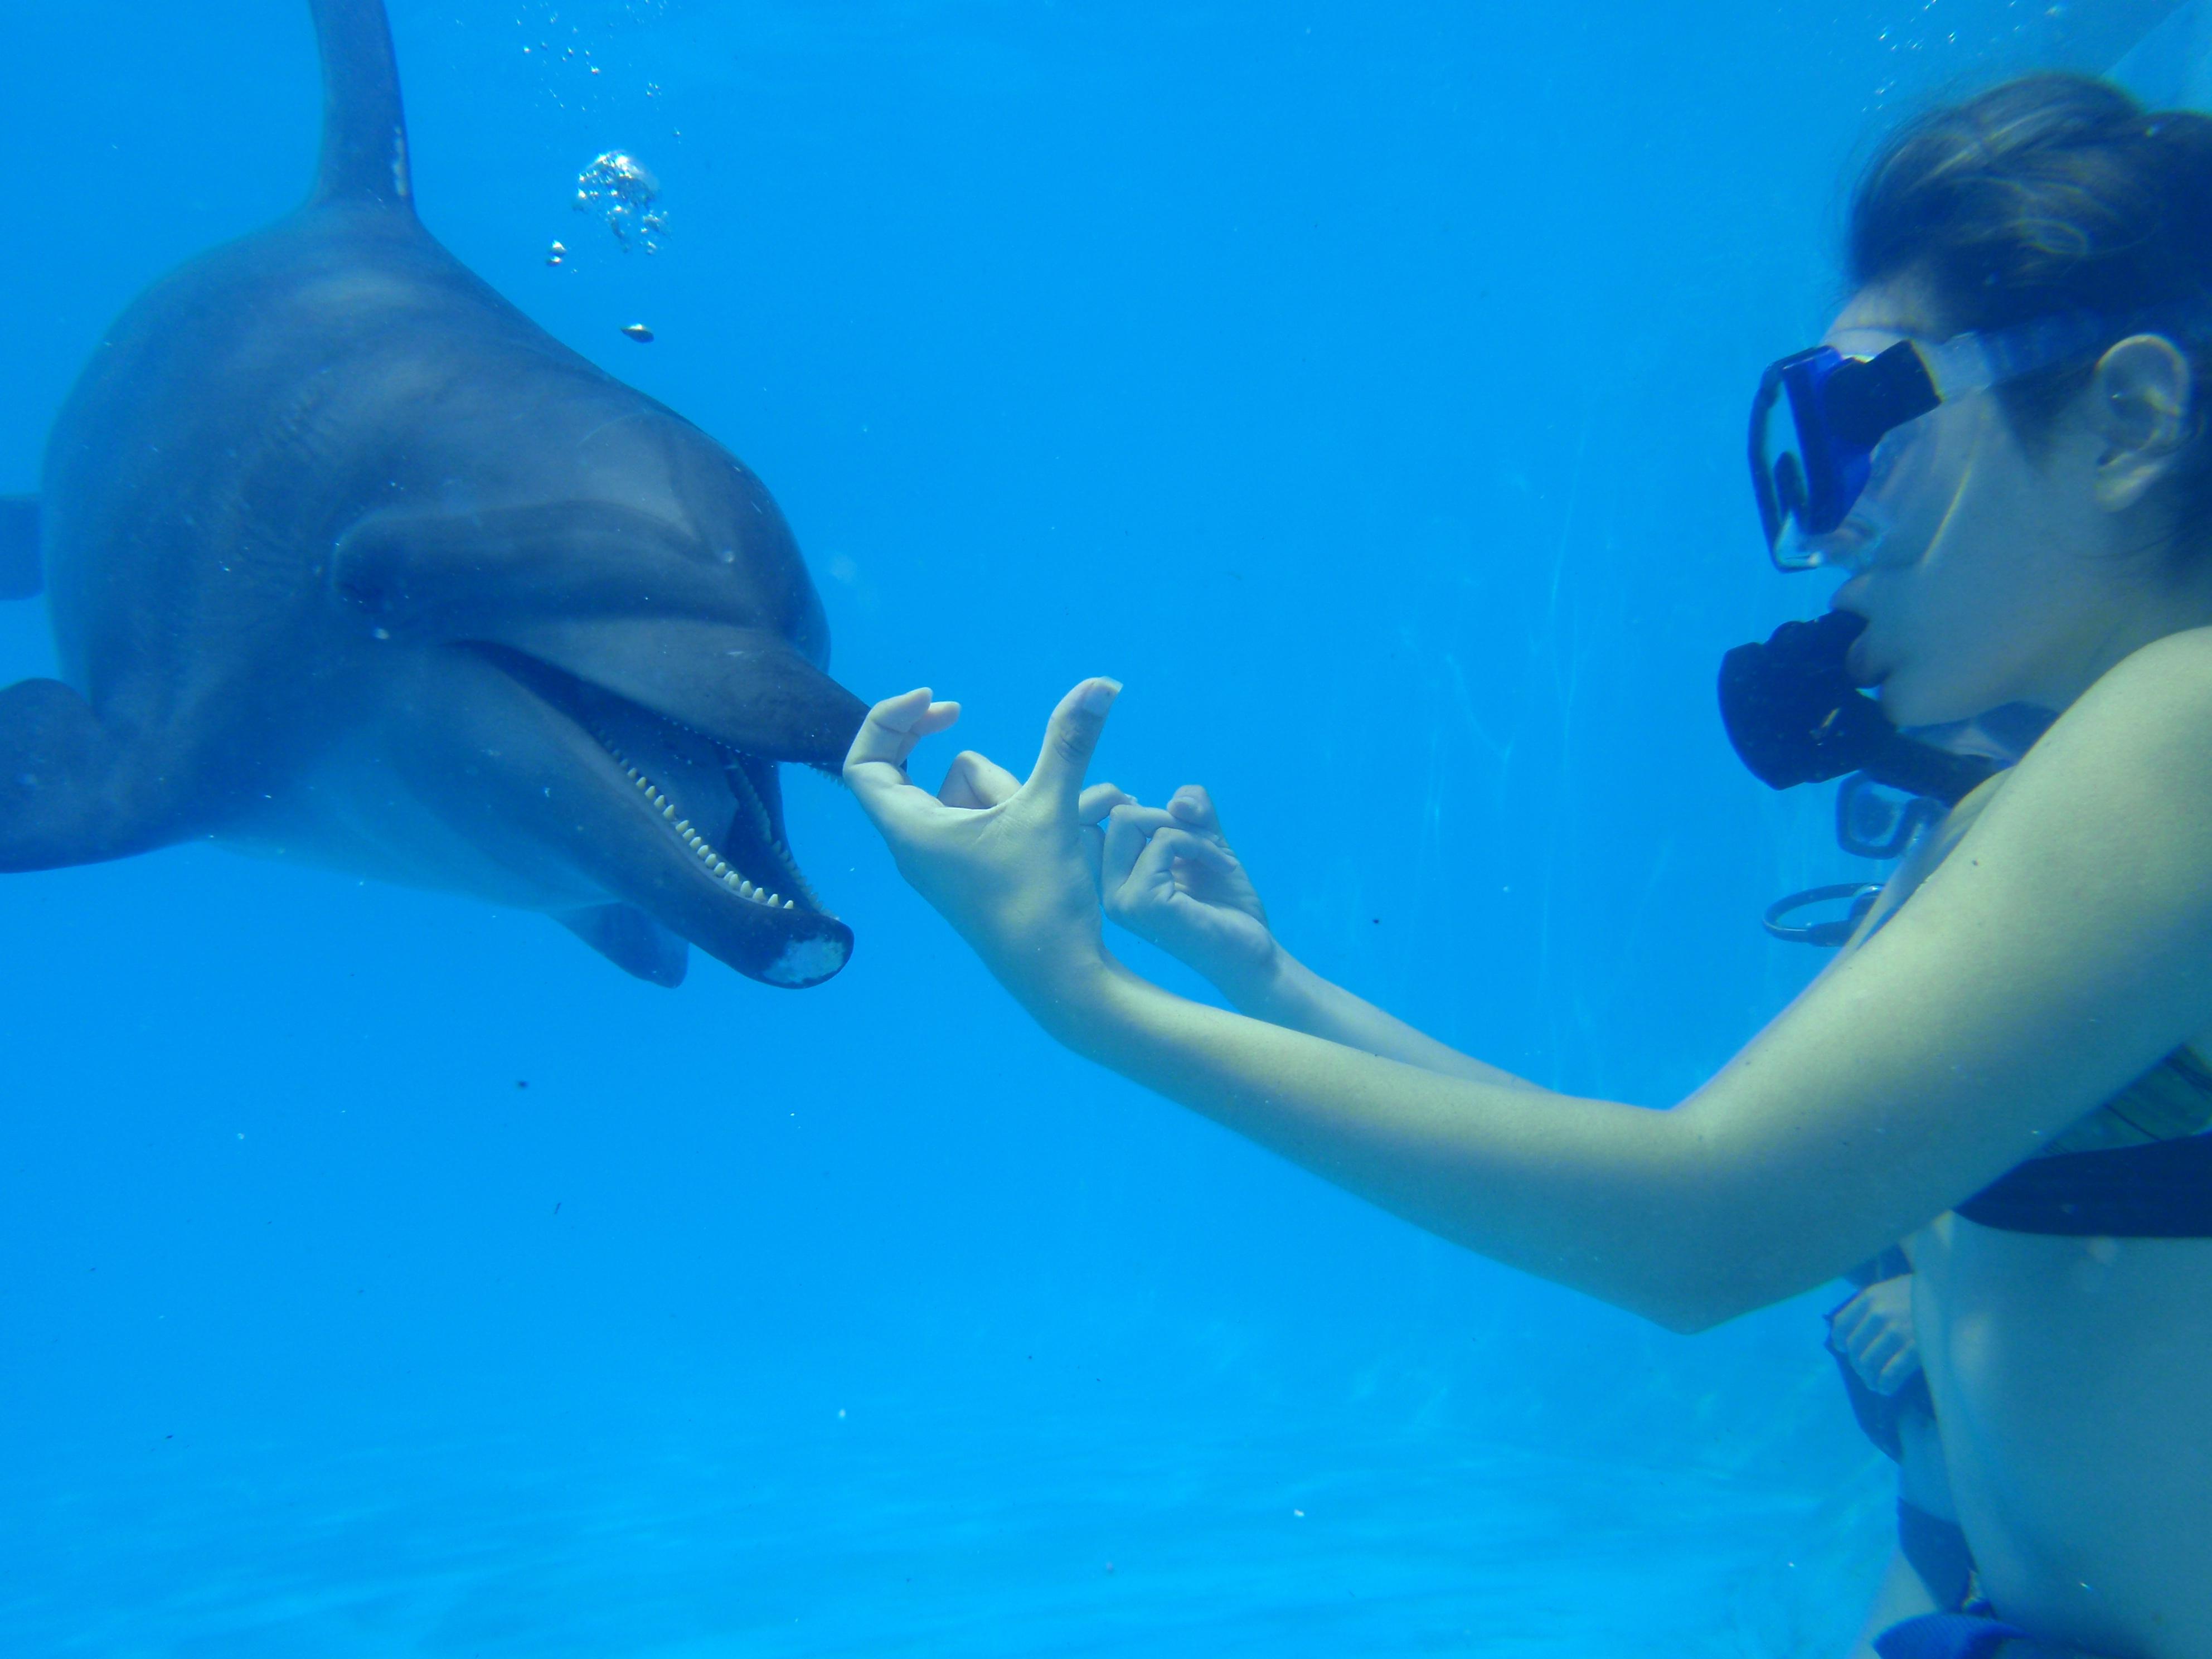 Descubre las características del comportamiento de los delfines en este artículo de Dolphinaris